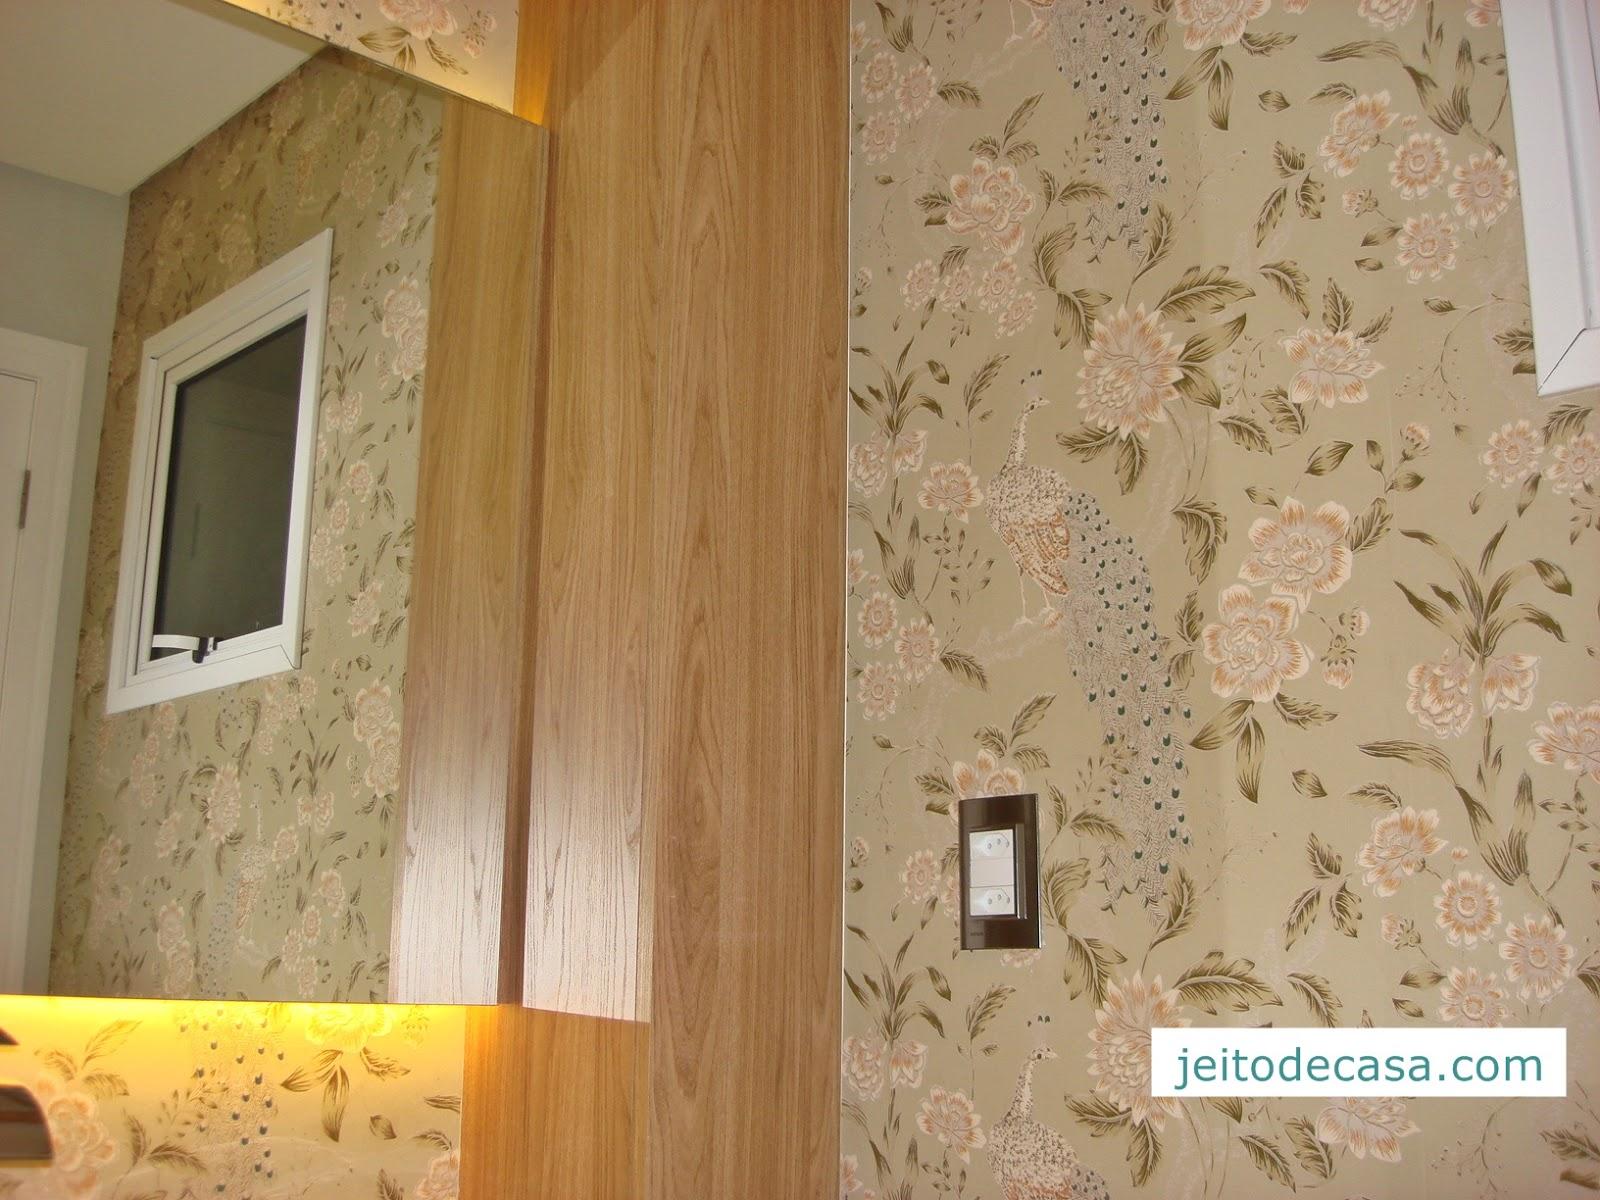 Lavabo decorado com papel de parede jeito de casa - Papel pared ...